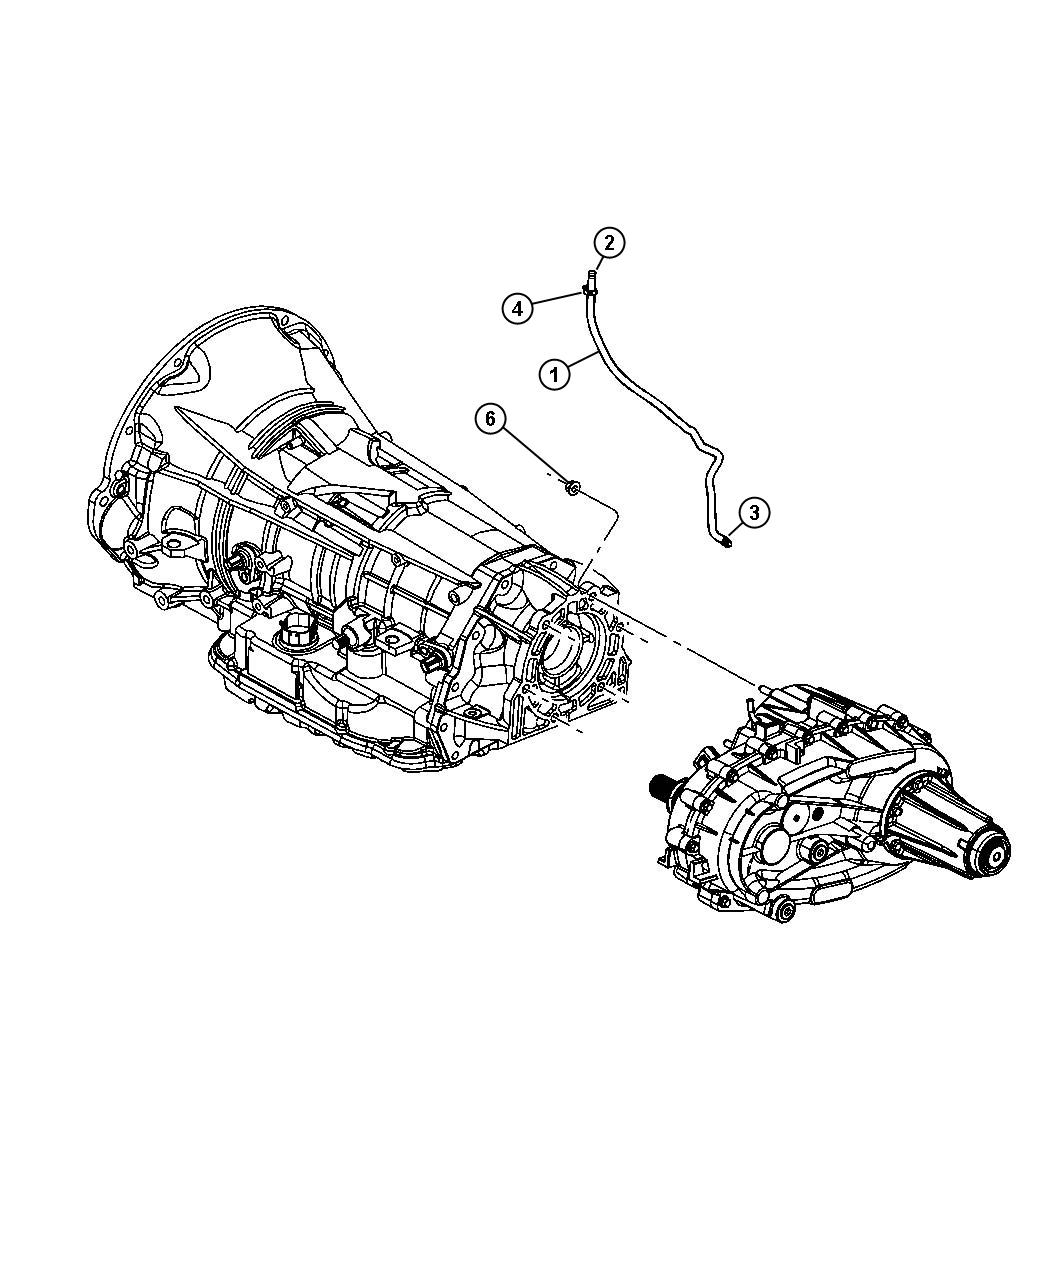 2012 Dodge Ram 1500 4x4, 5.7L V8 HEMI MDS VVT, 5-Spd